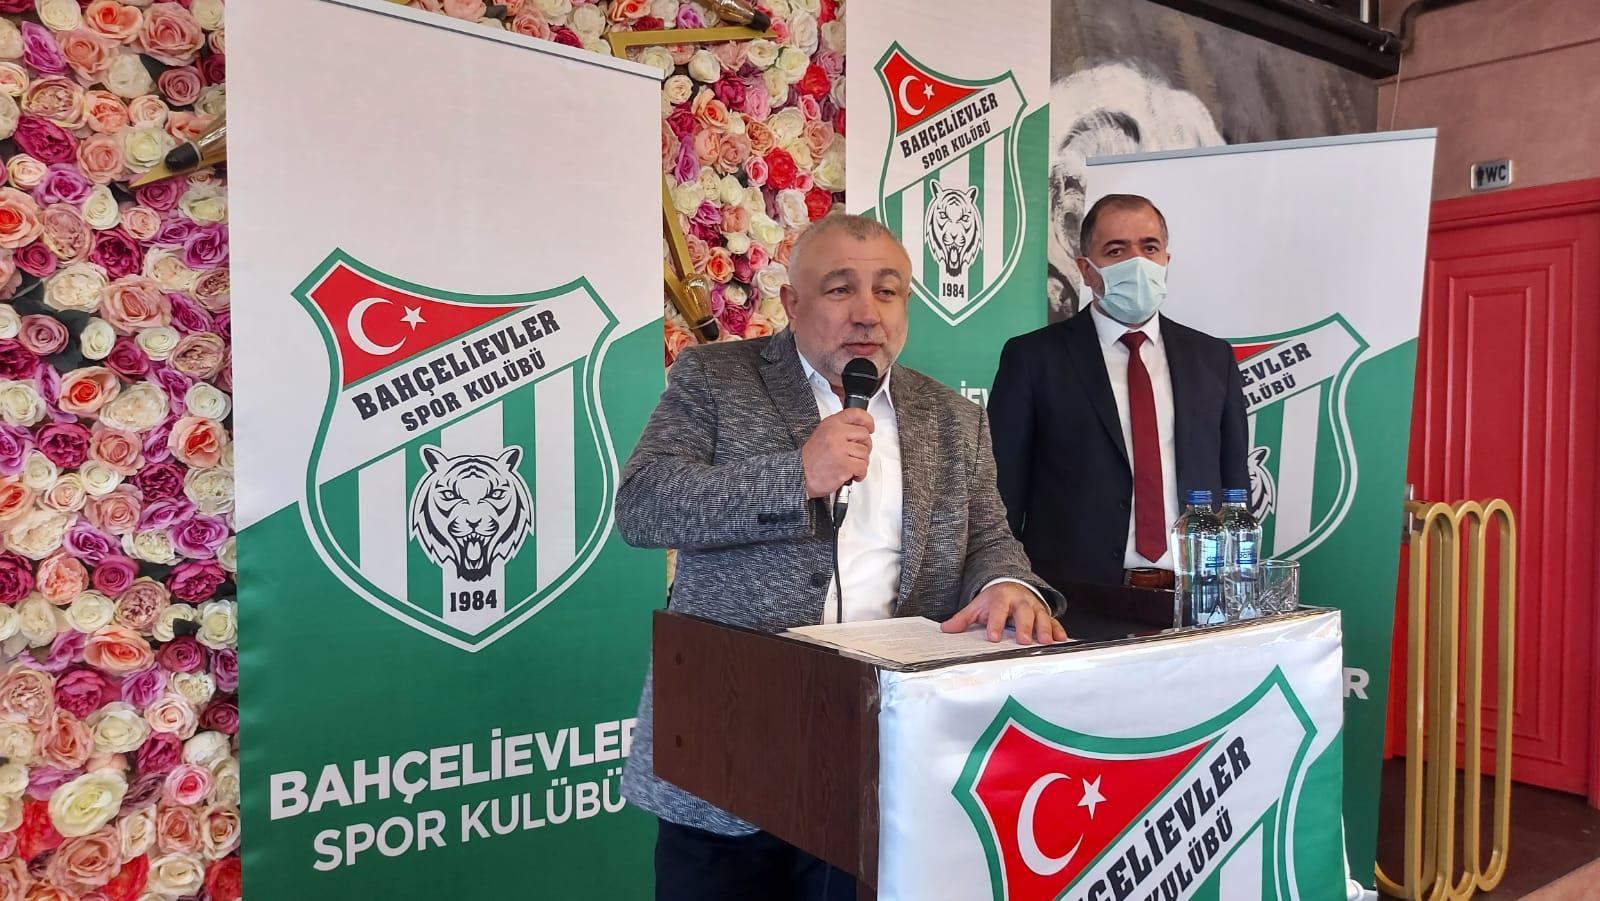 """Bahçelievlerspor Levent Dilaver rest çekti, """" Üst liglere çıkartamazsam bırakırım"""""""